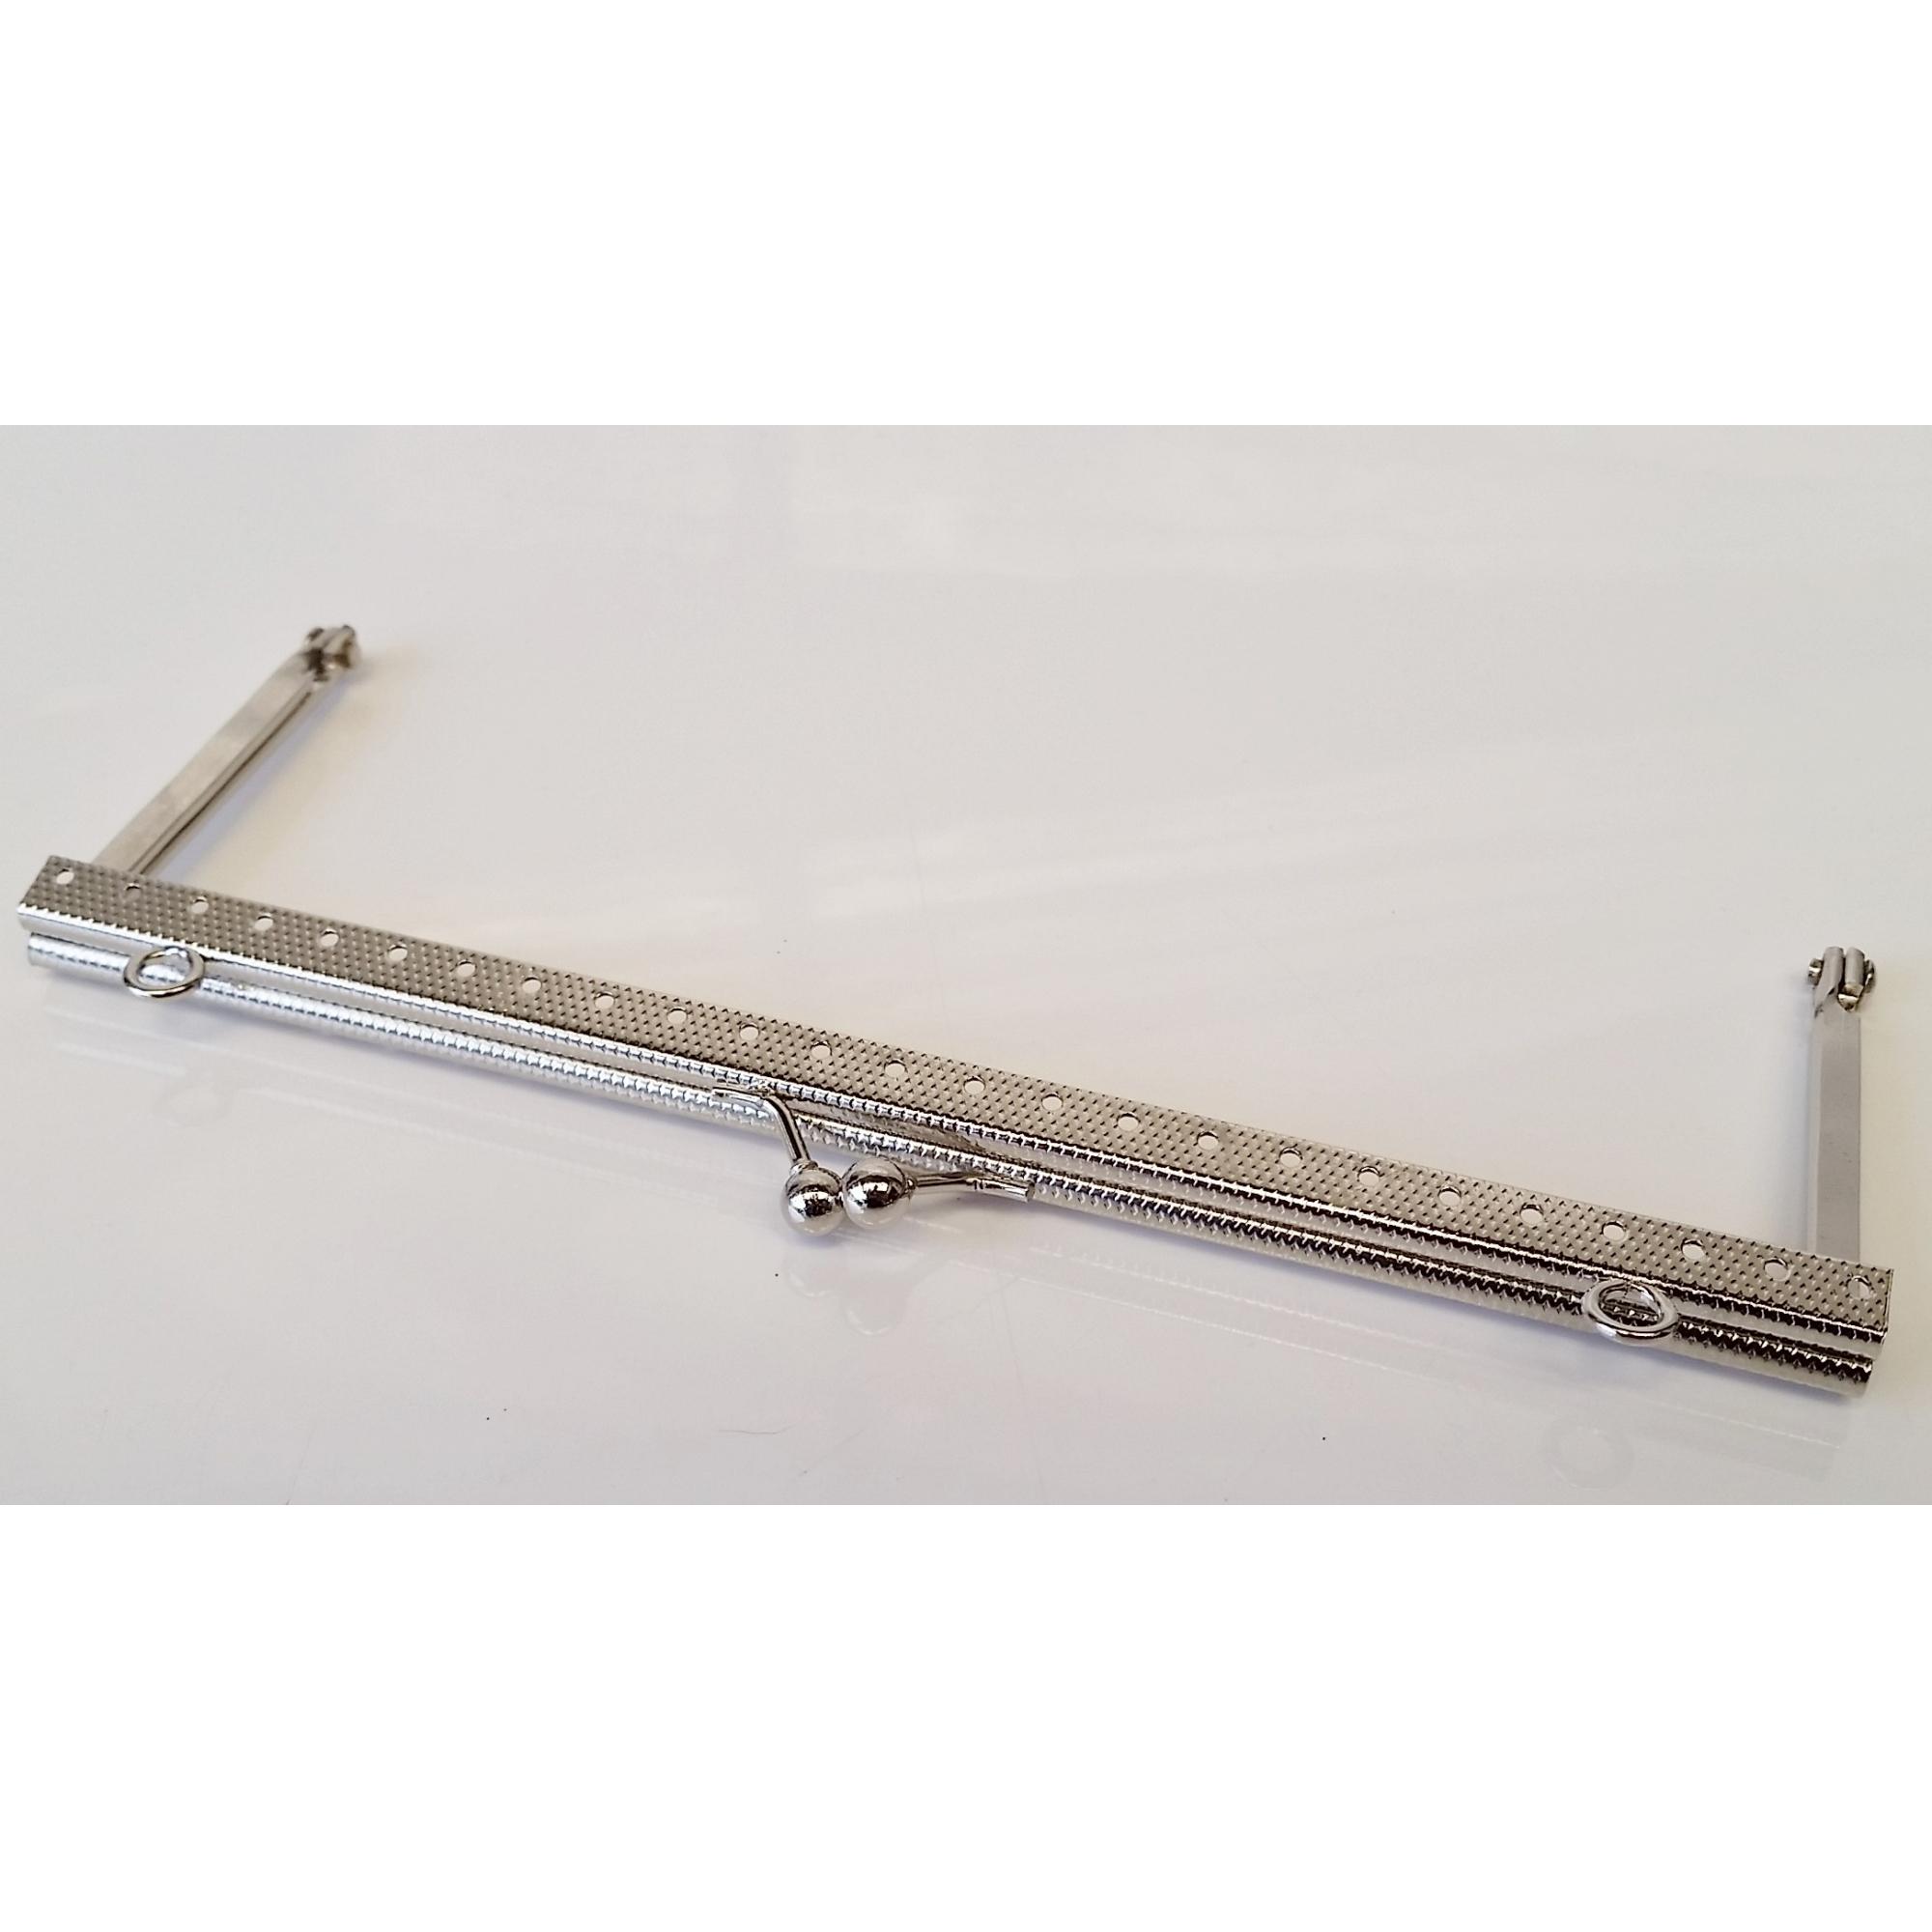 Armação 18cm x 6cm Gravada c/ furos e argolas Niquelada